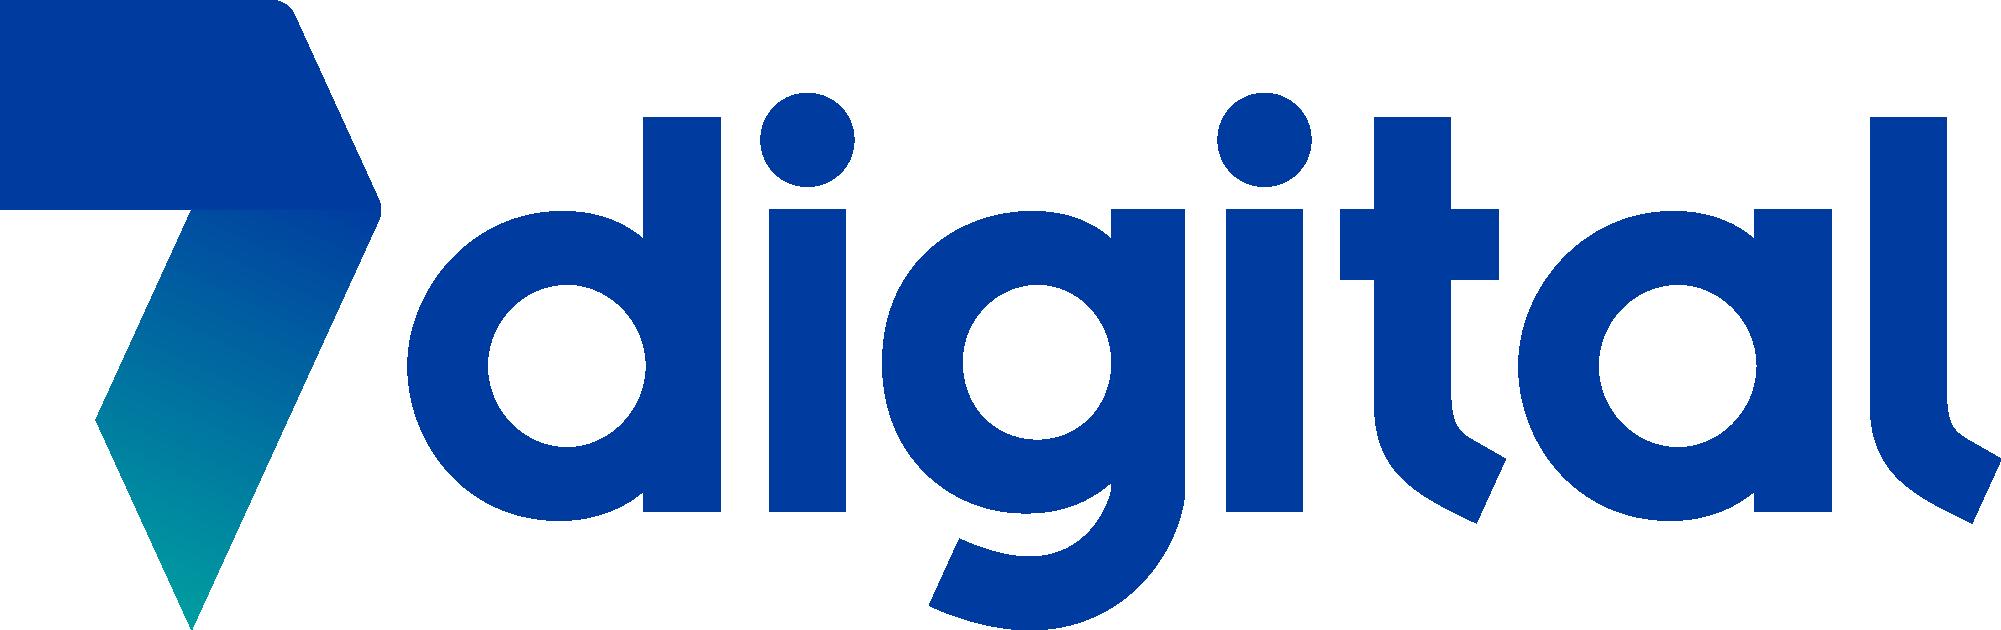 7 Digital Logo.png